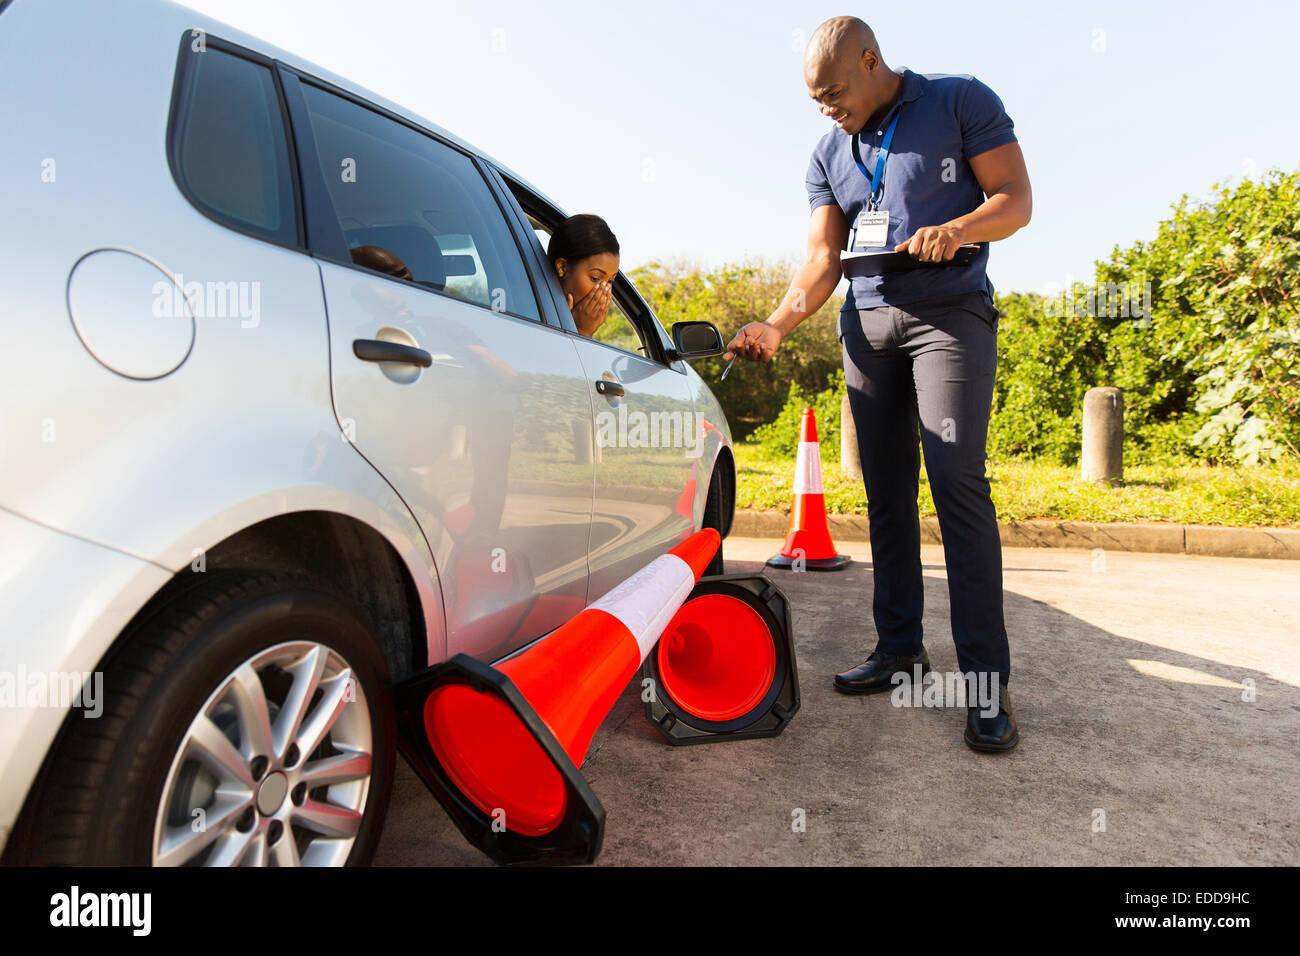 Driver per studenti rendendo errore durante un ciclo di prova eseguito su traffico coni Immagini Stock